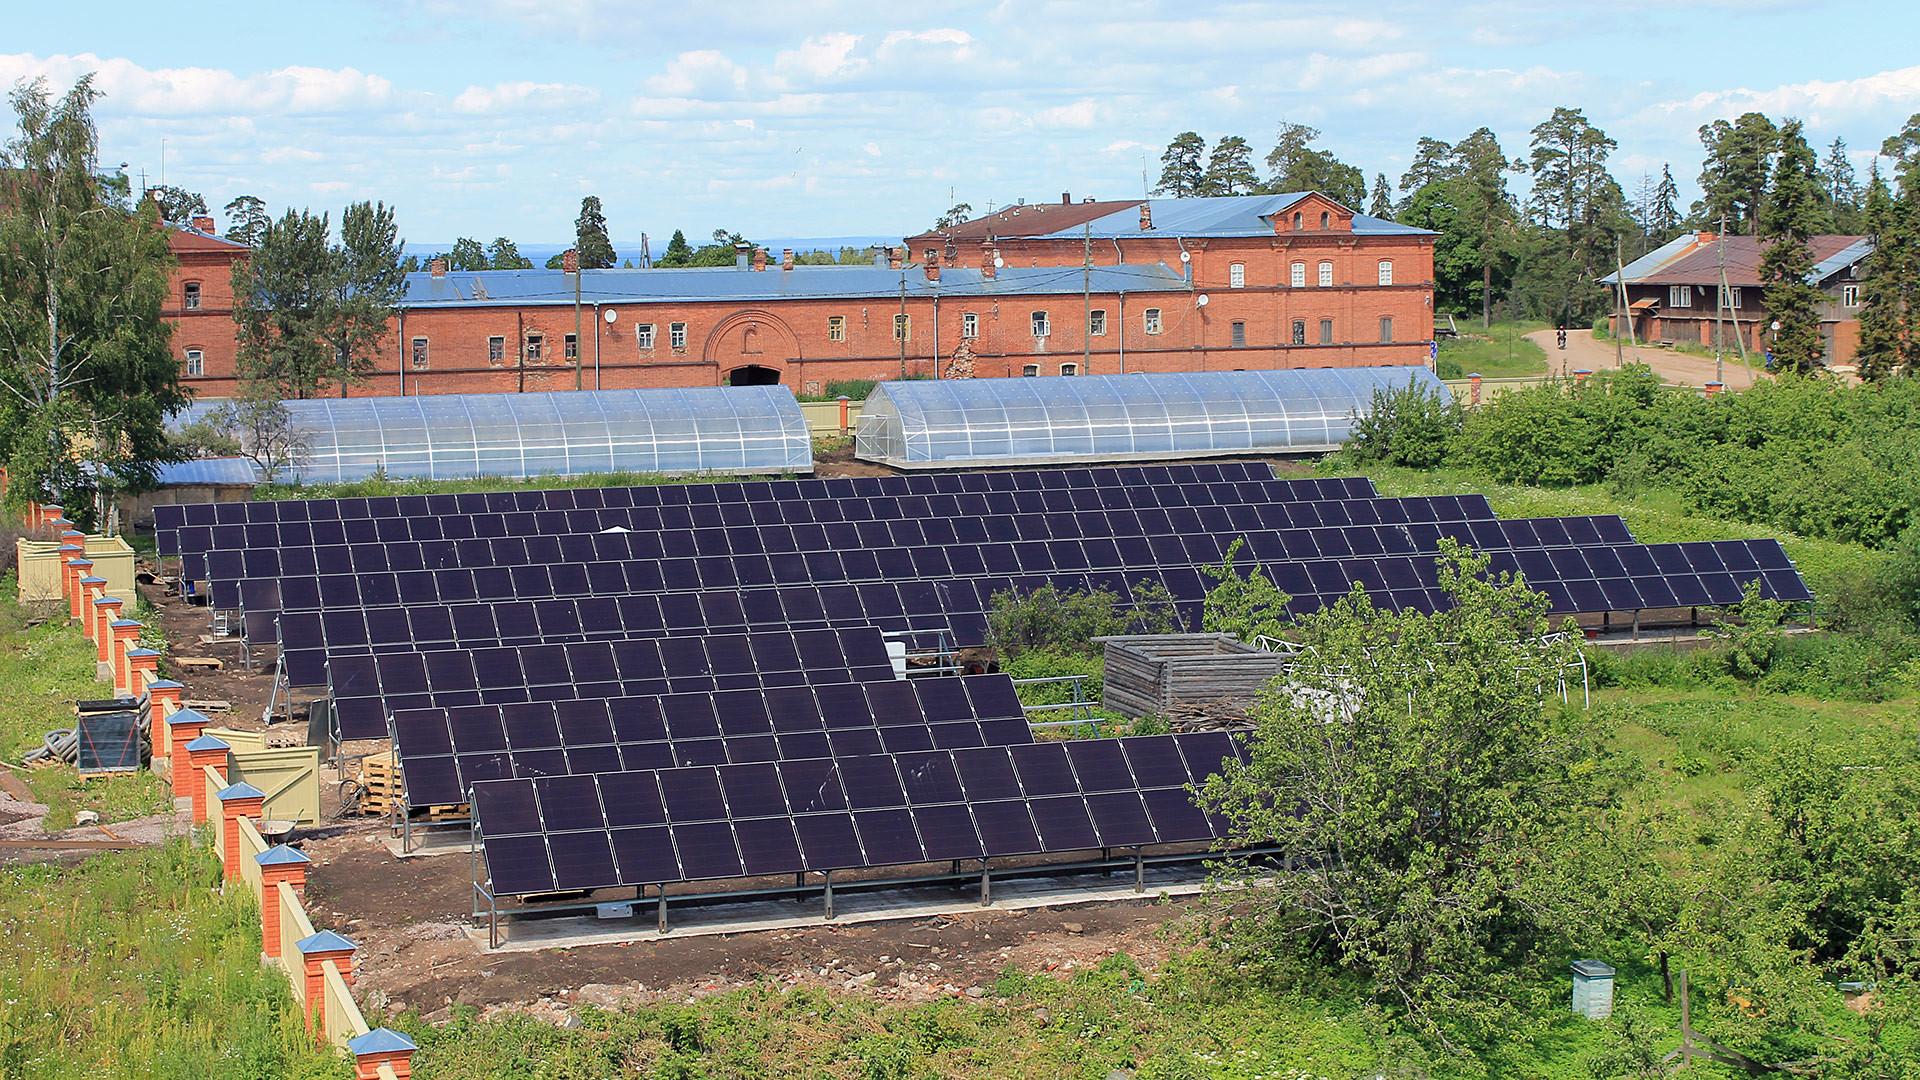 Planta na ilha de Valaam fornece energia para as estufas de mosteiro local